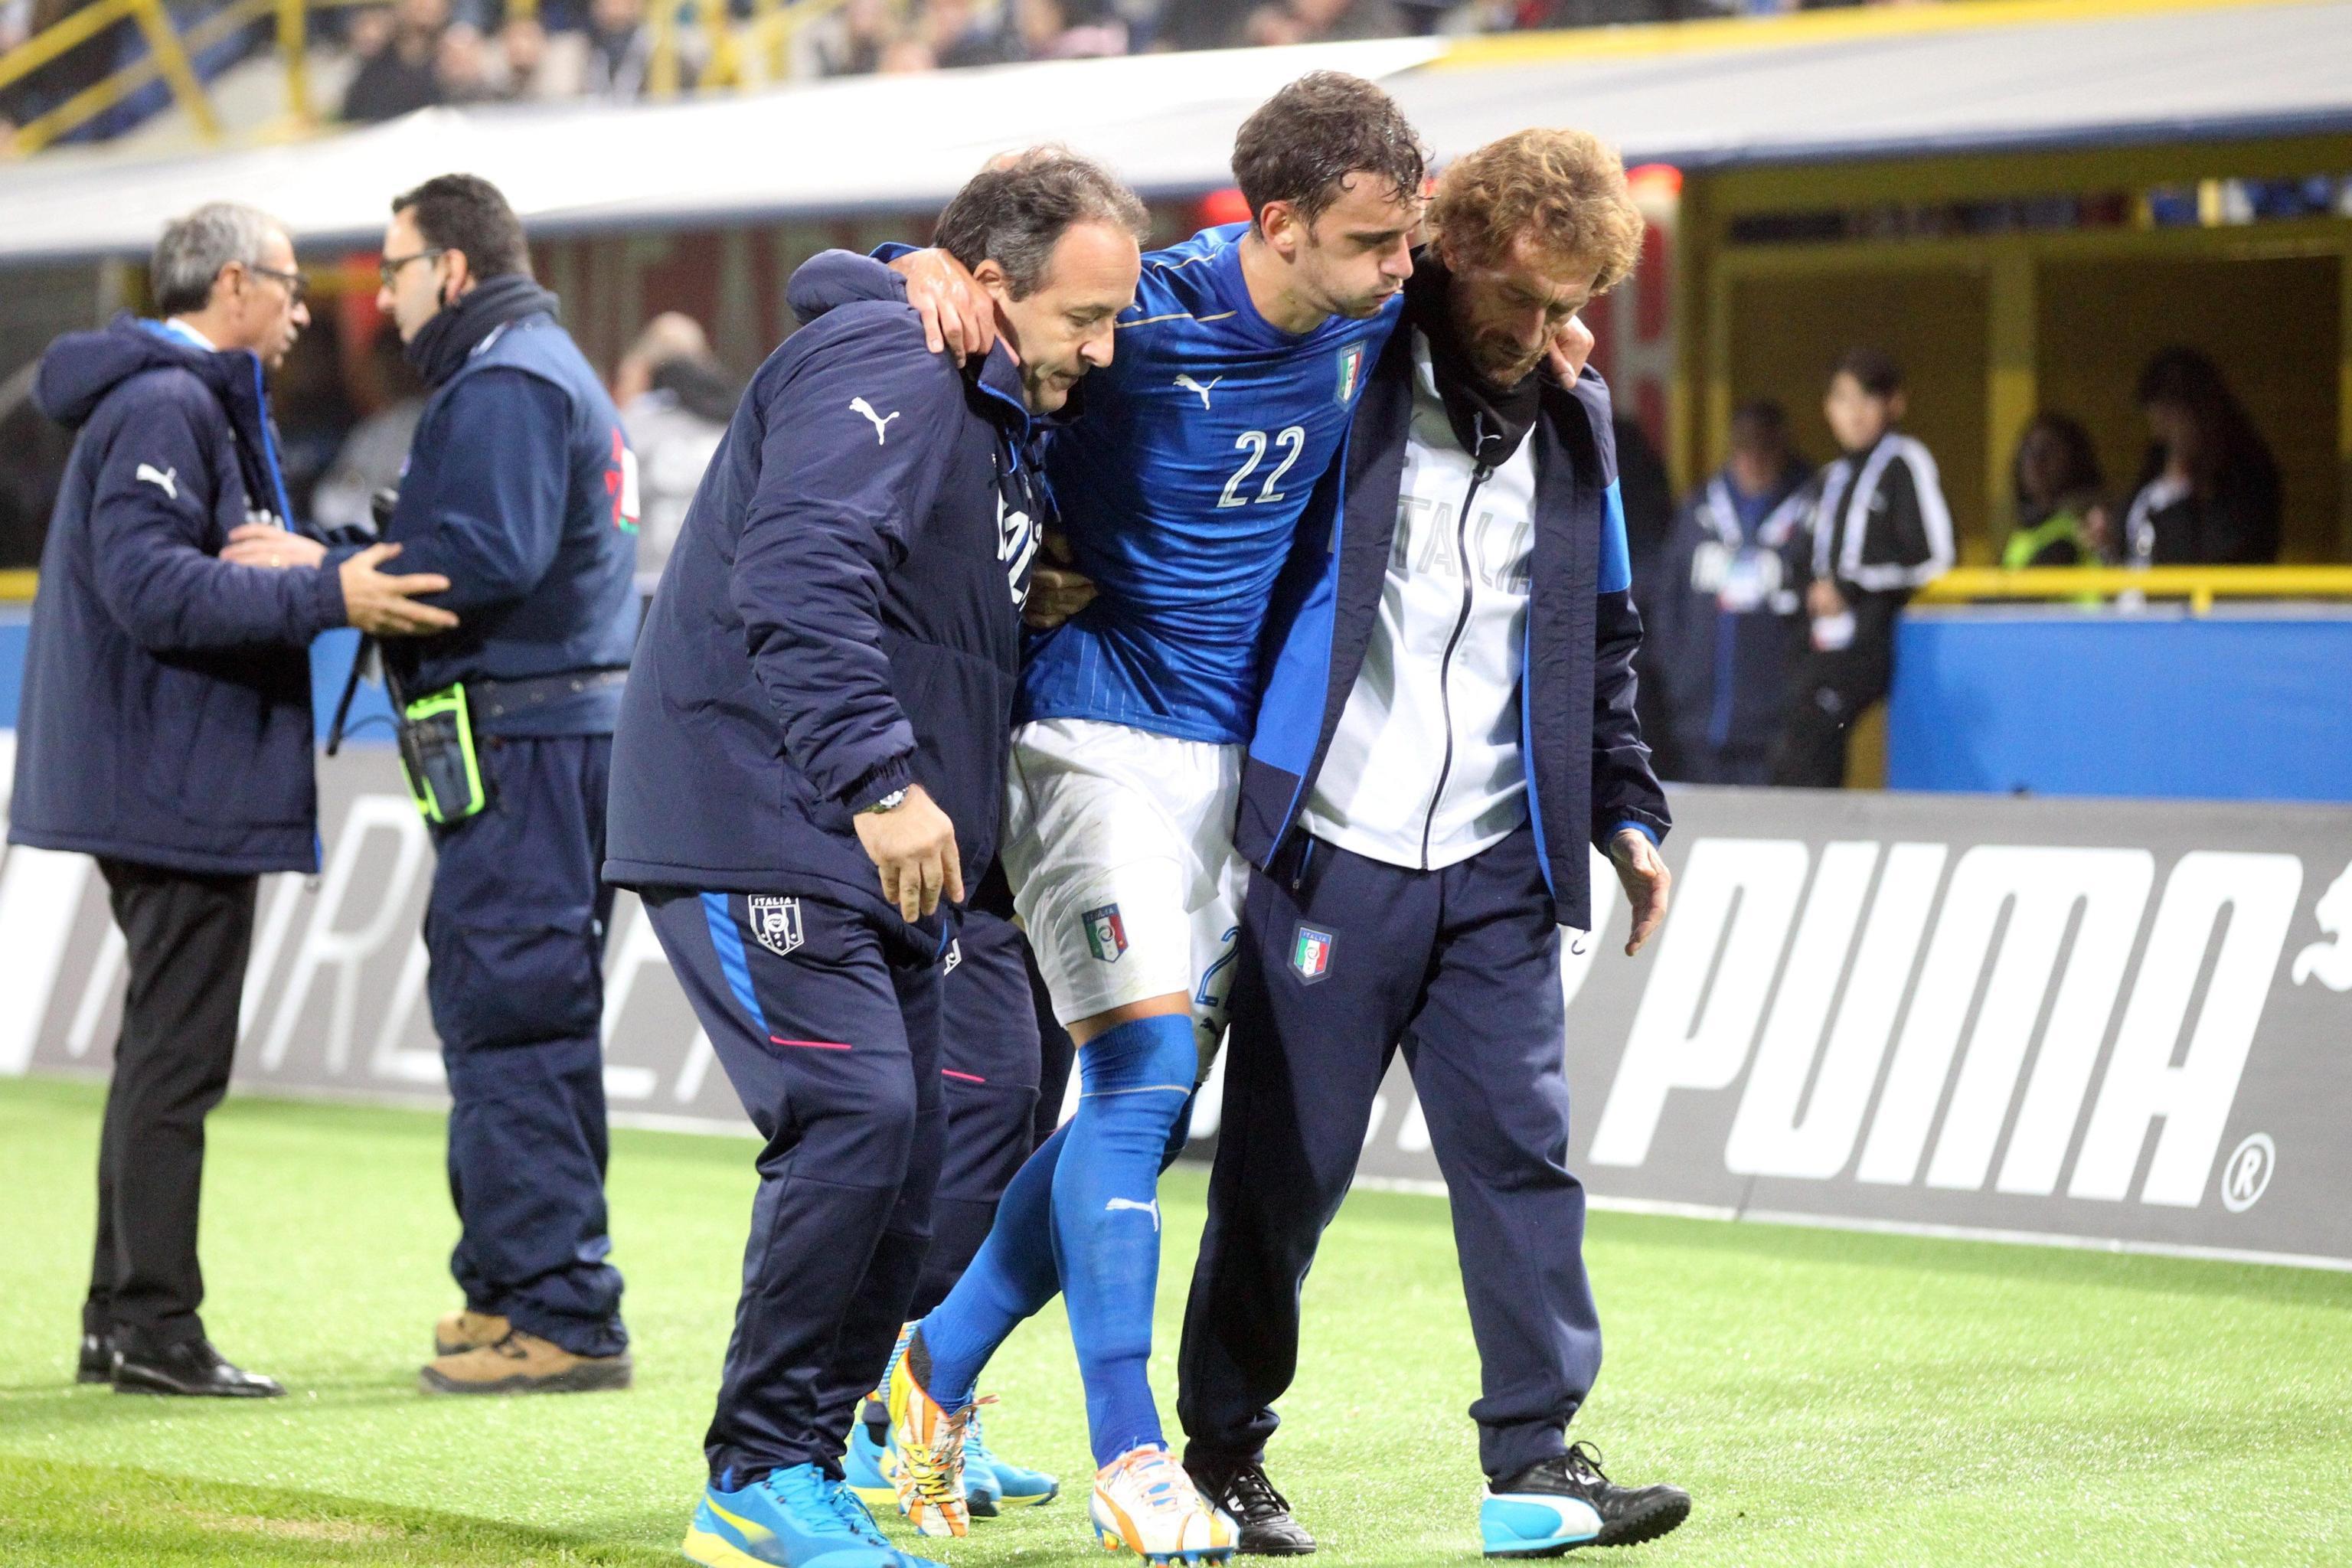 Manolo Gabbiadini lascia il campo dopo l'infortunio